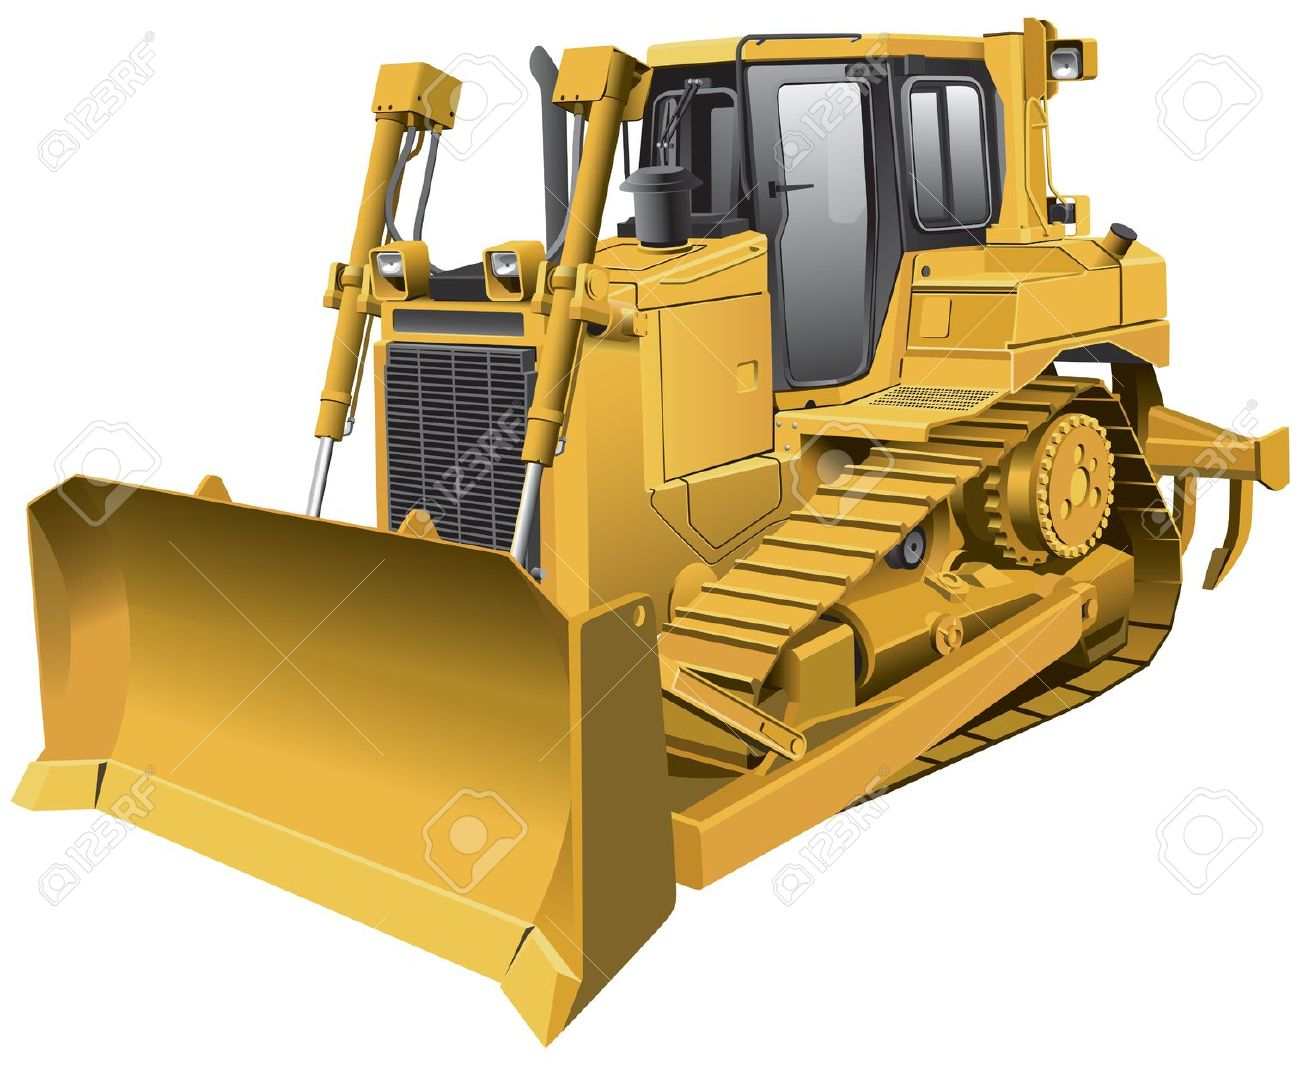 Bulldozer clipart - Cl...